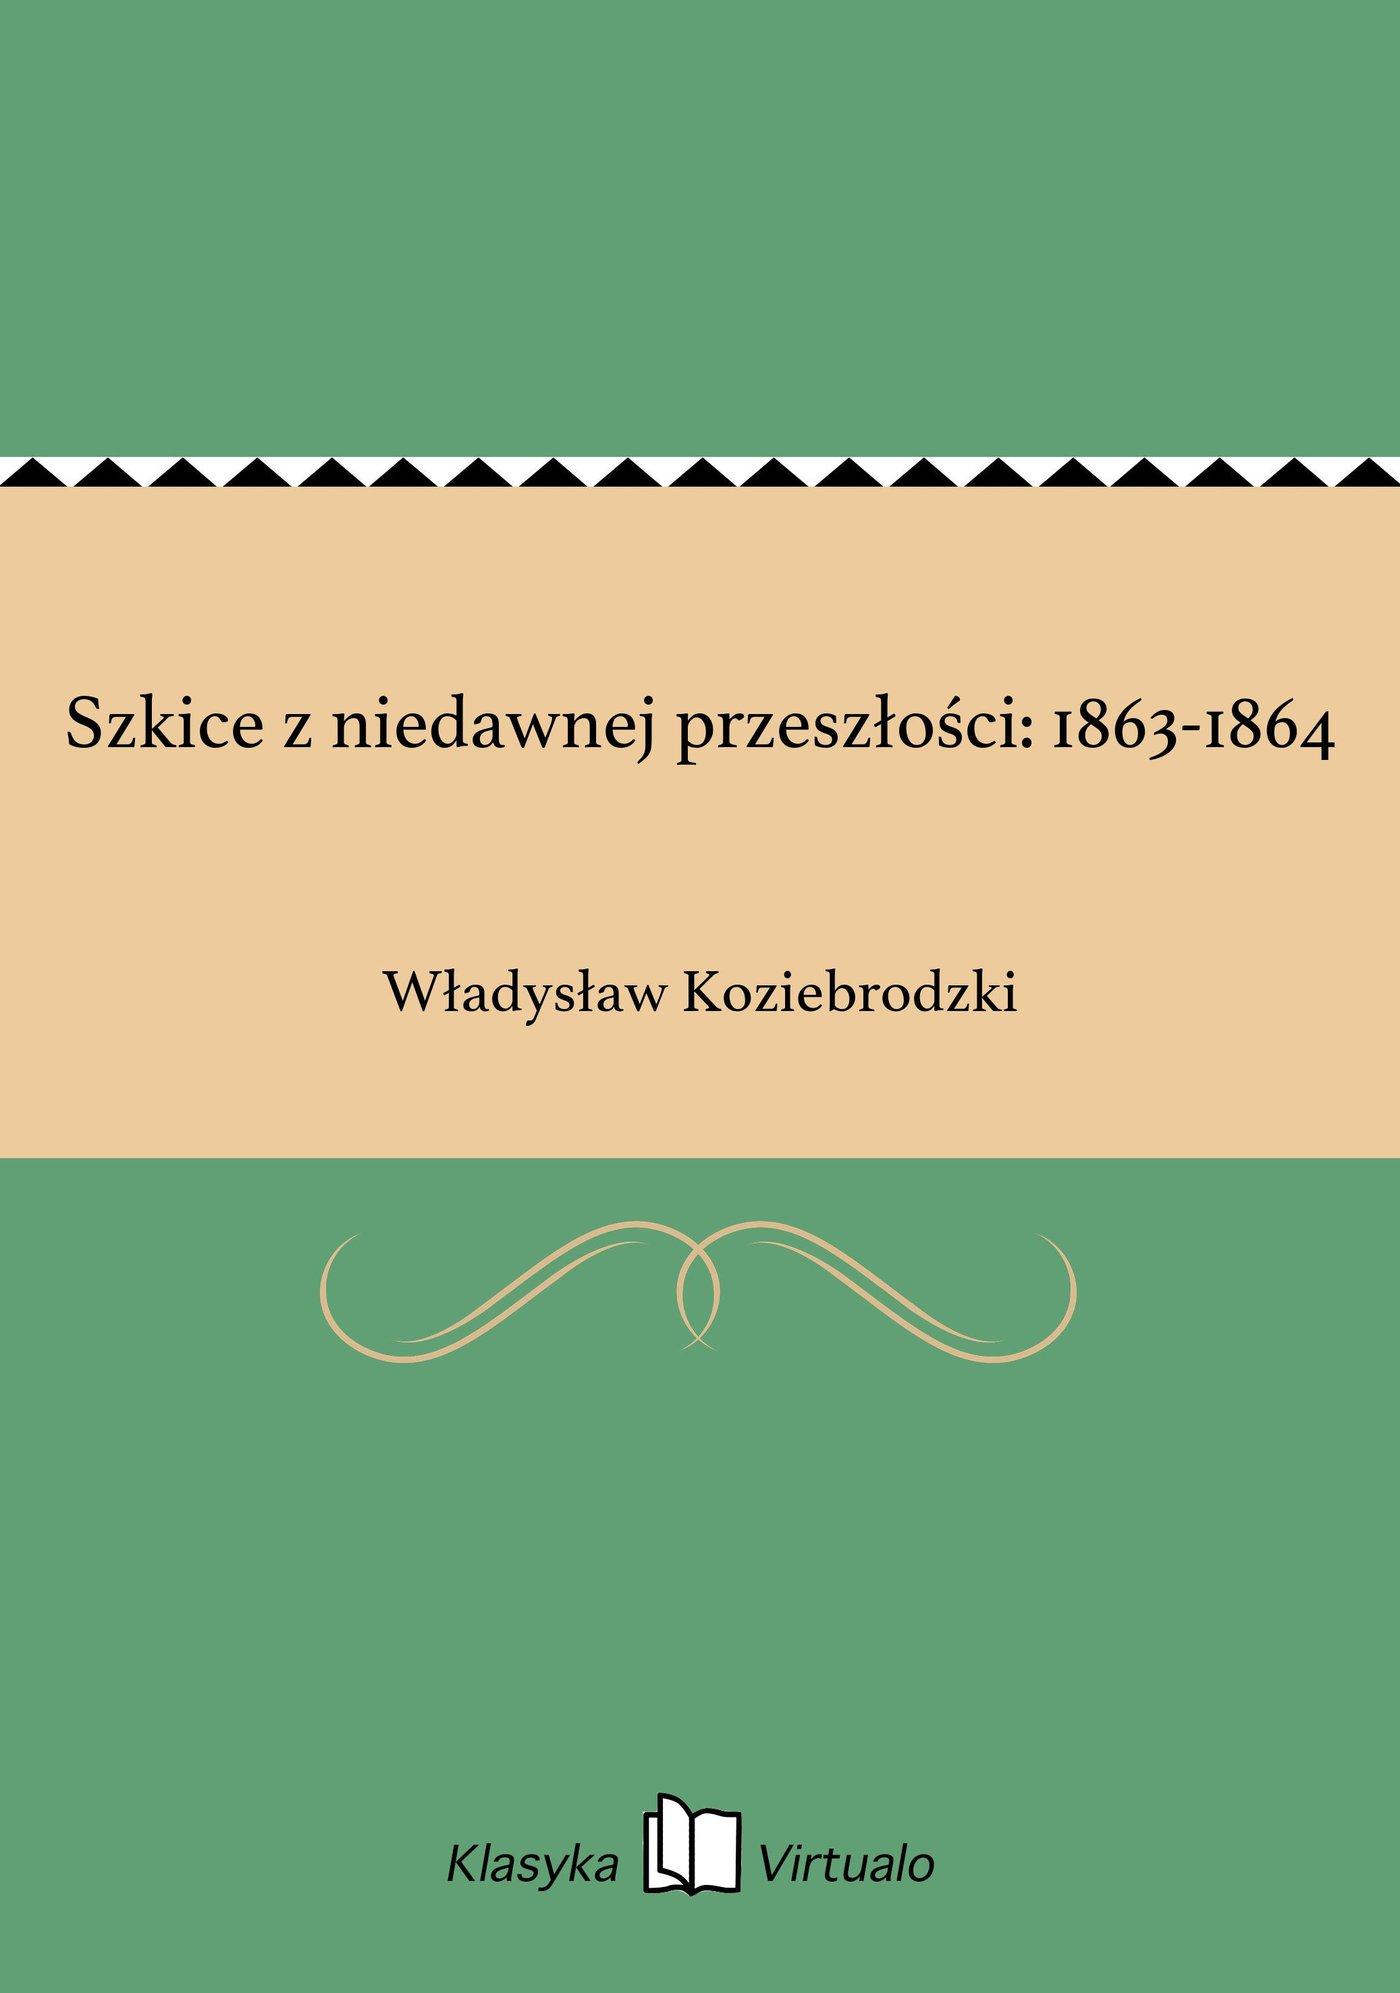 Szkice z niedawnej przeszłości: 1863-1864 - Ebook (Książka na Kindle) do pobrania w formacie MOBI